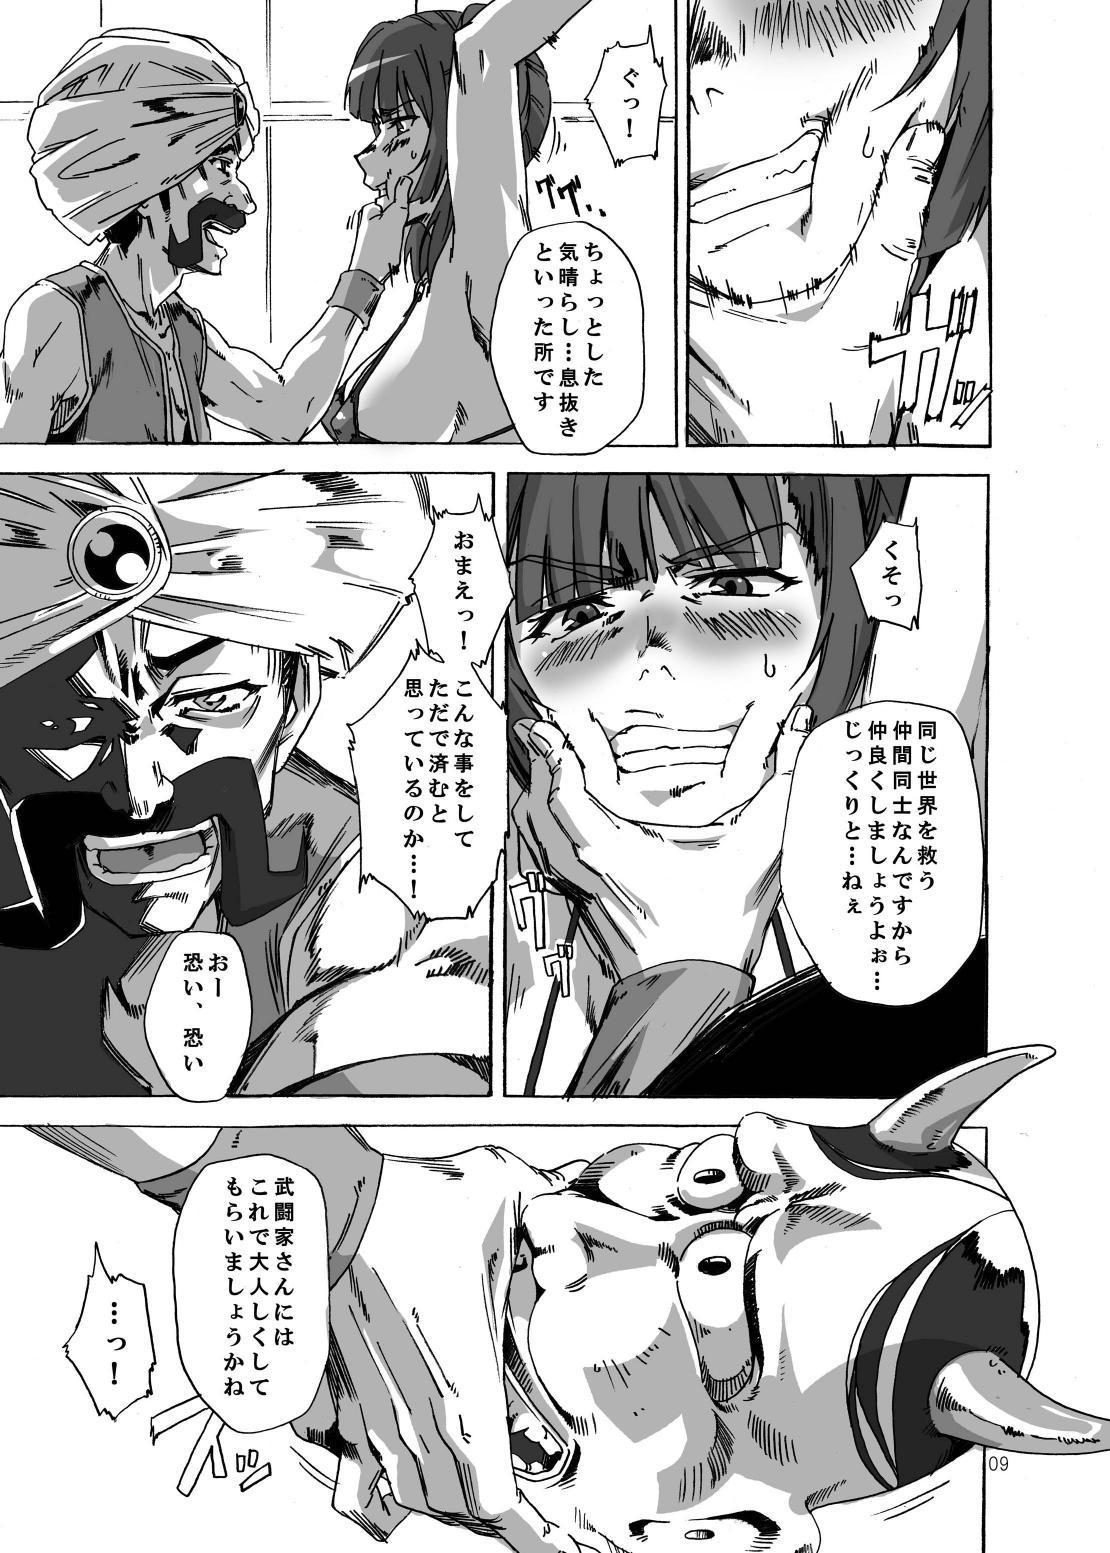 Nakamauchi 8